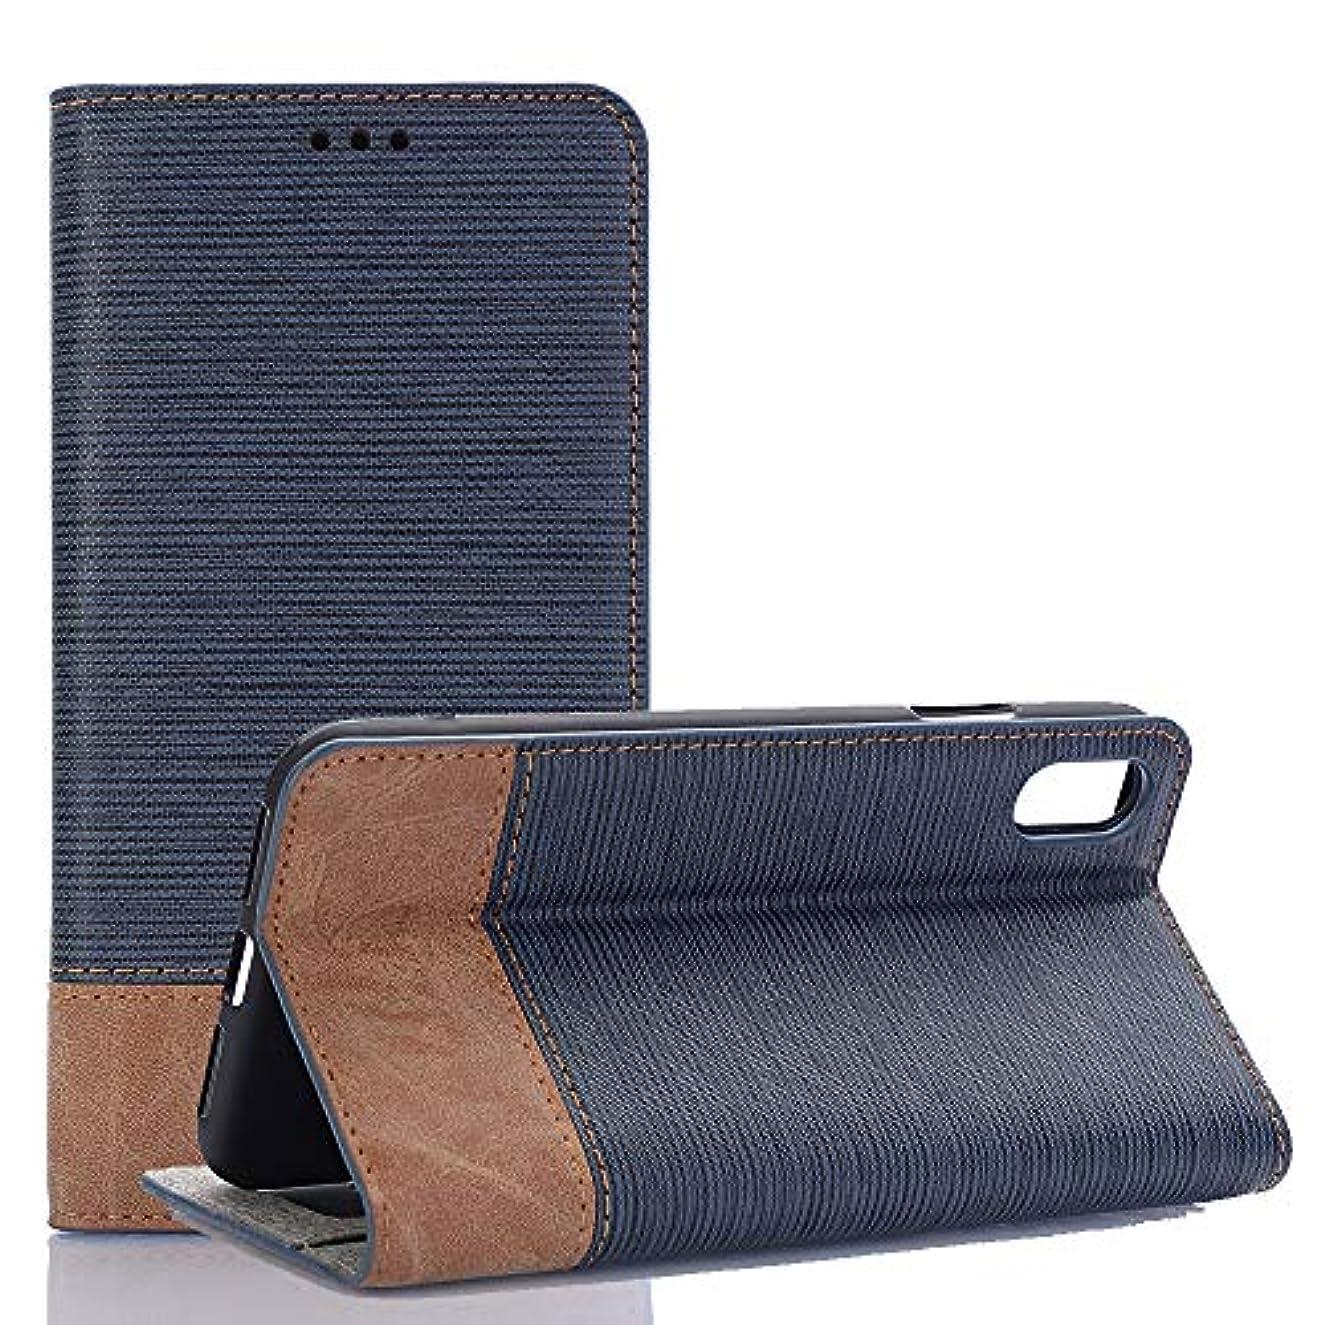 スナッチ圧縮する特殊Galaxy S9 ケース、INorton 本革ケース 全面保護 衝撃吸収 スタンド機能 カード収納 手帳型 スマートケース Galaxy S9対応